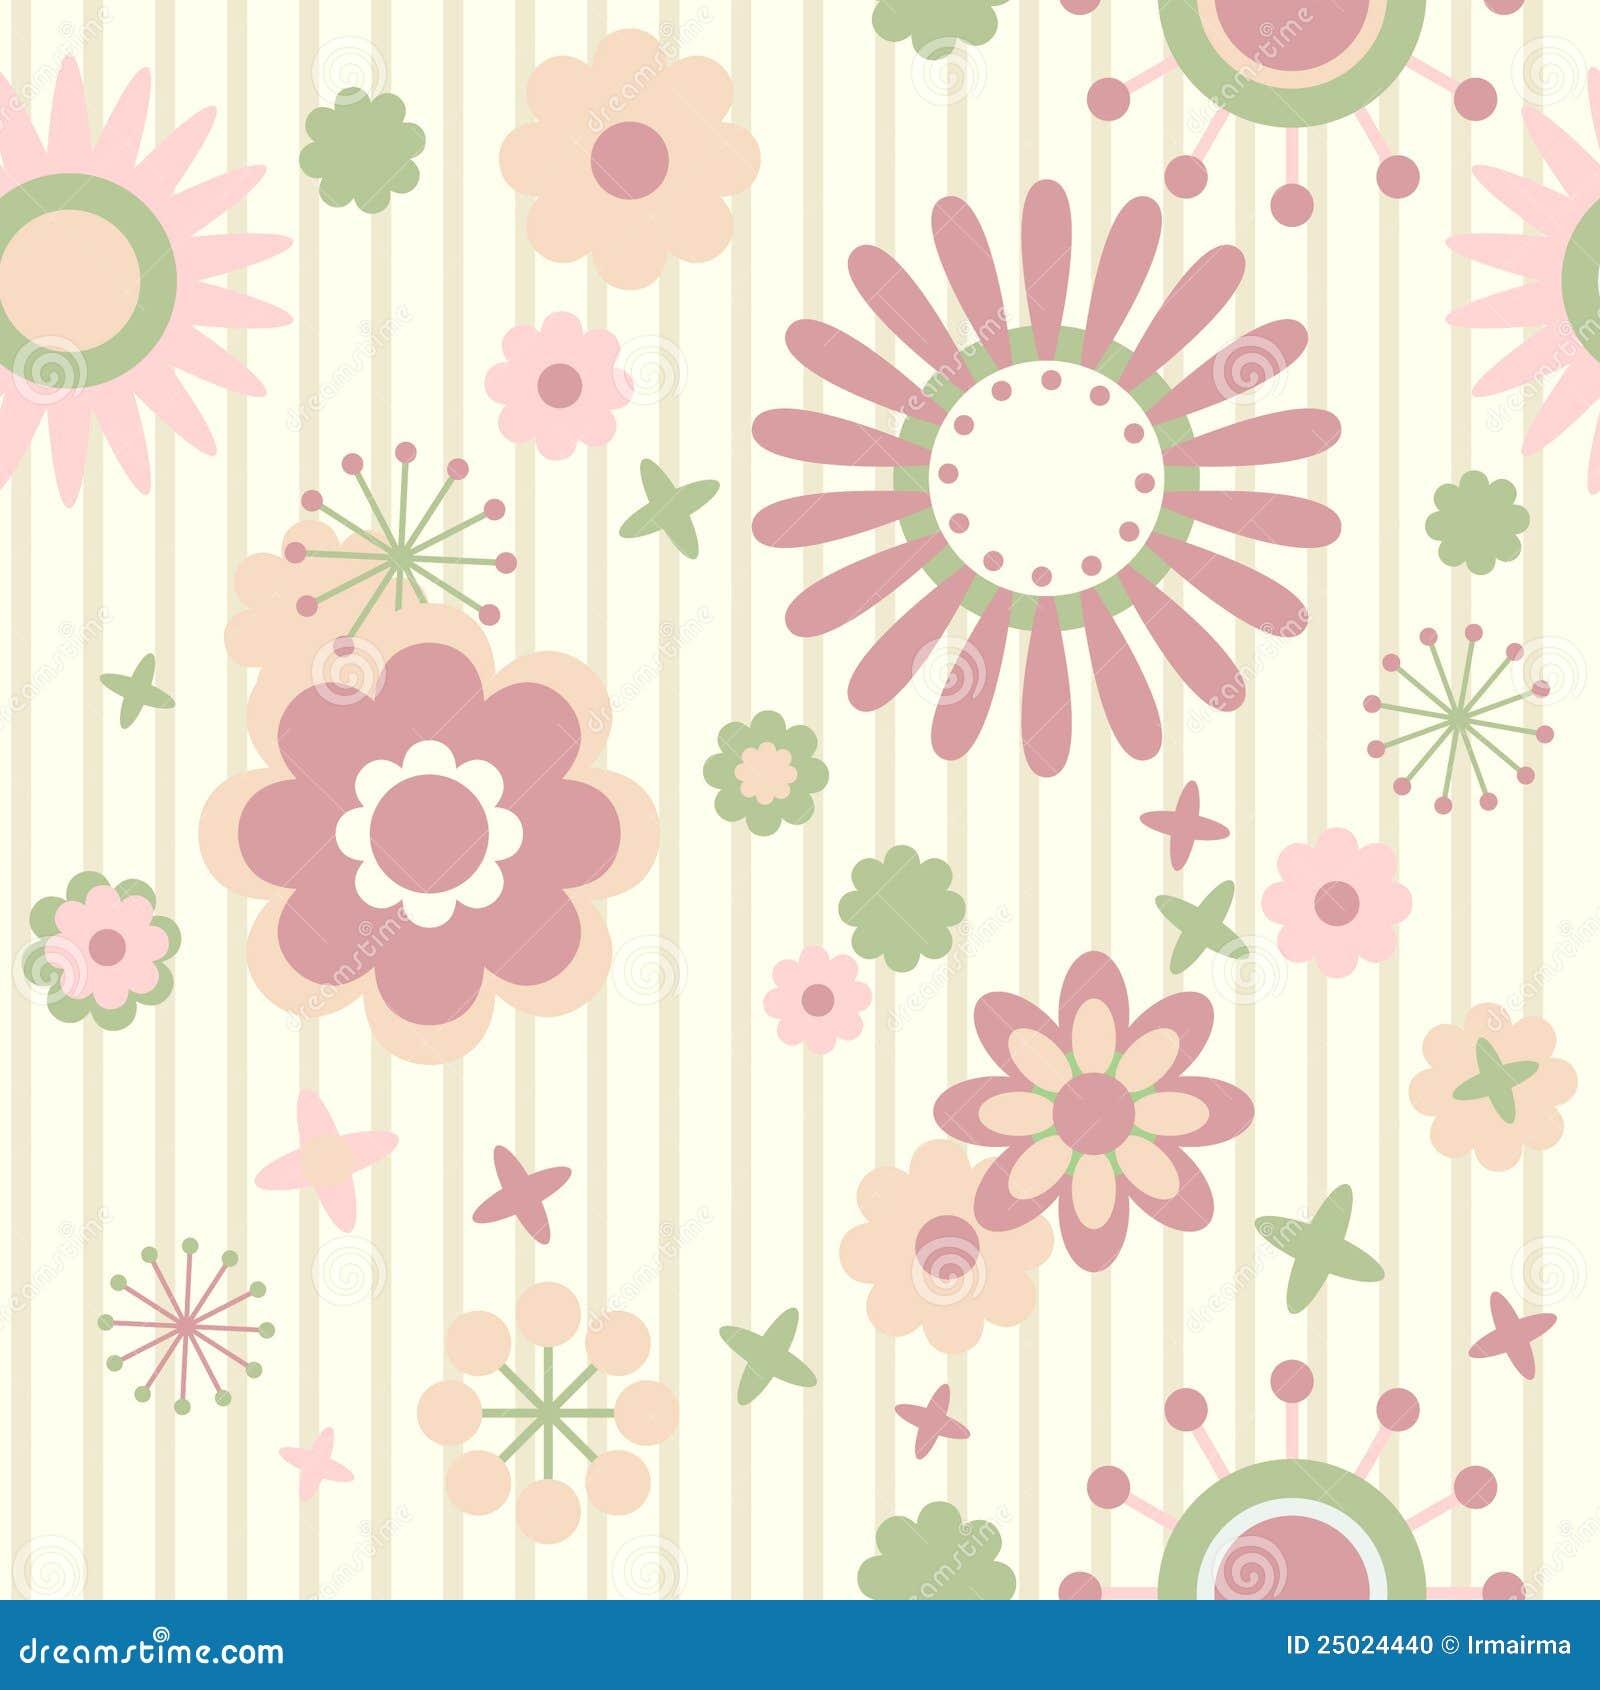 Papel de parede floral, flores coloridas decoradas em fundo listrado.